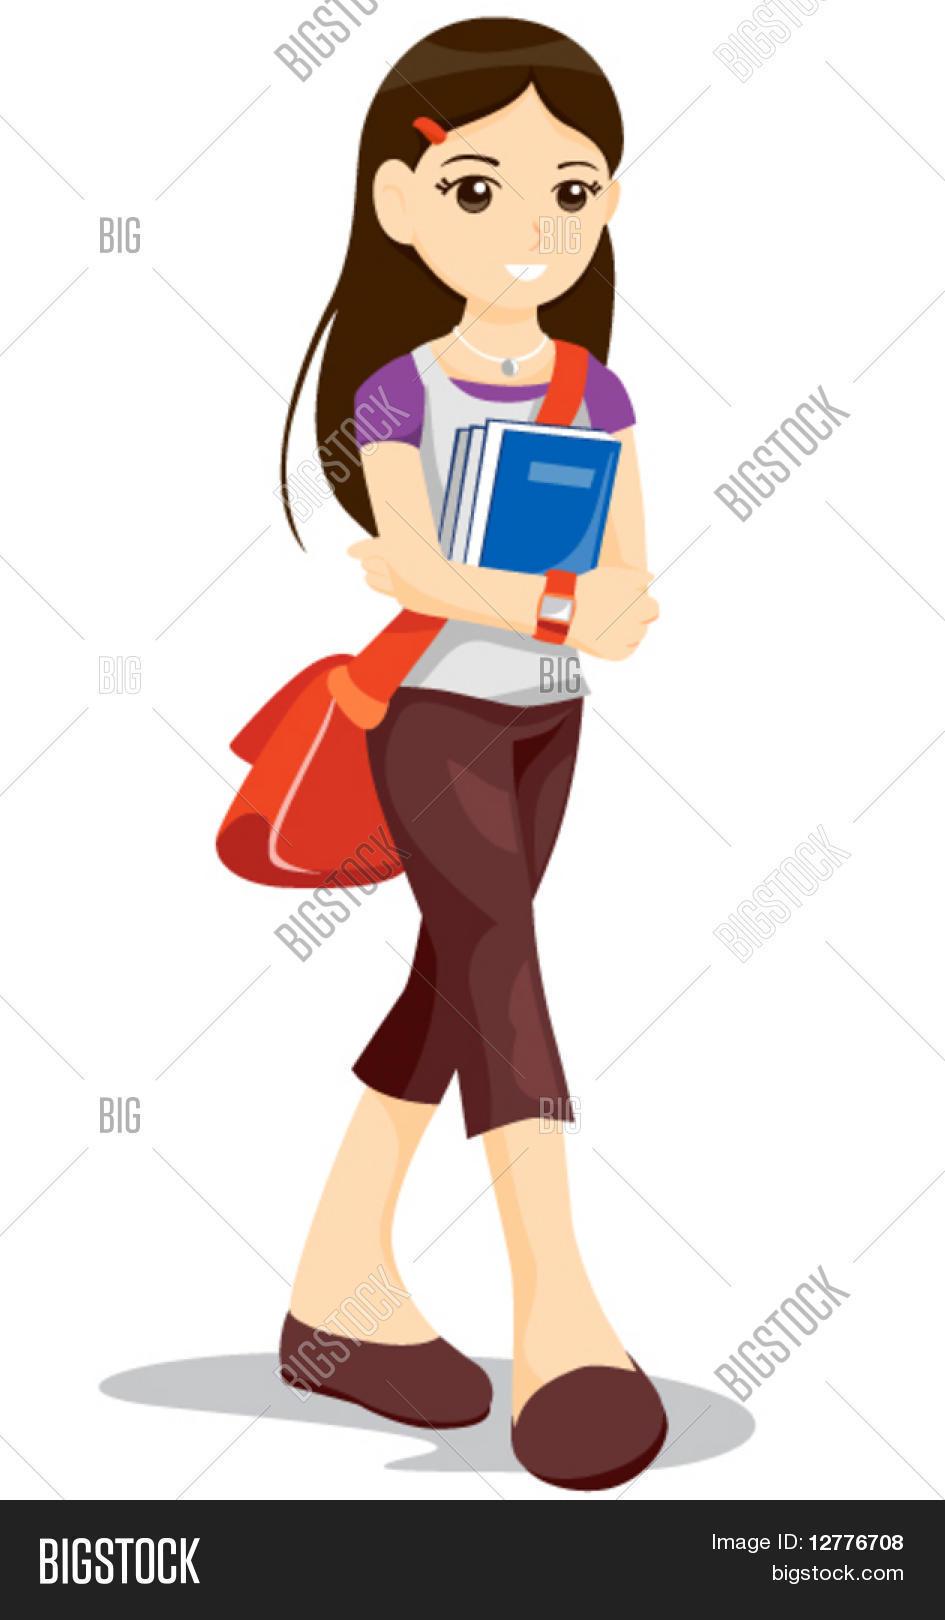 Resultado de imagen para imagenes de caricatura de estudiantes